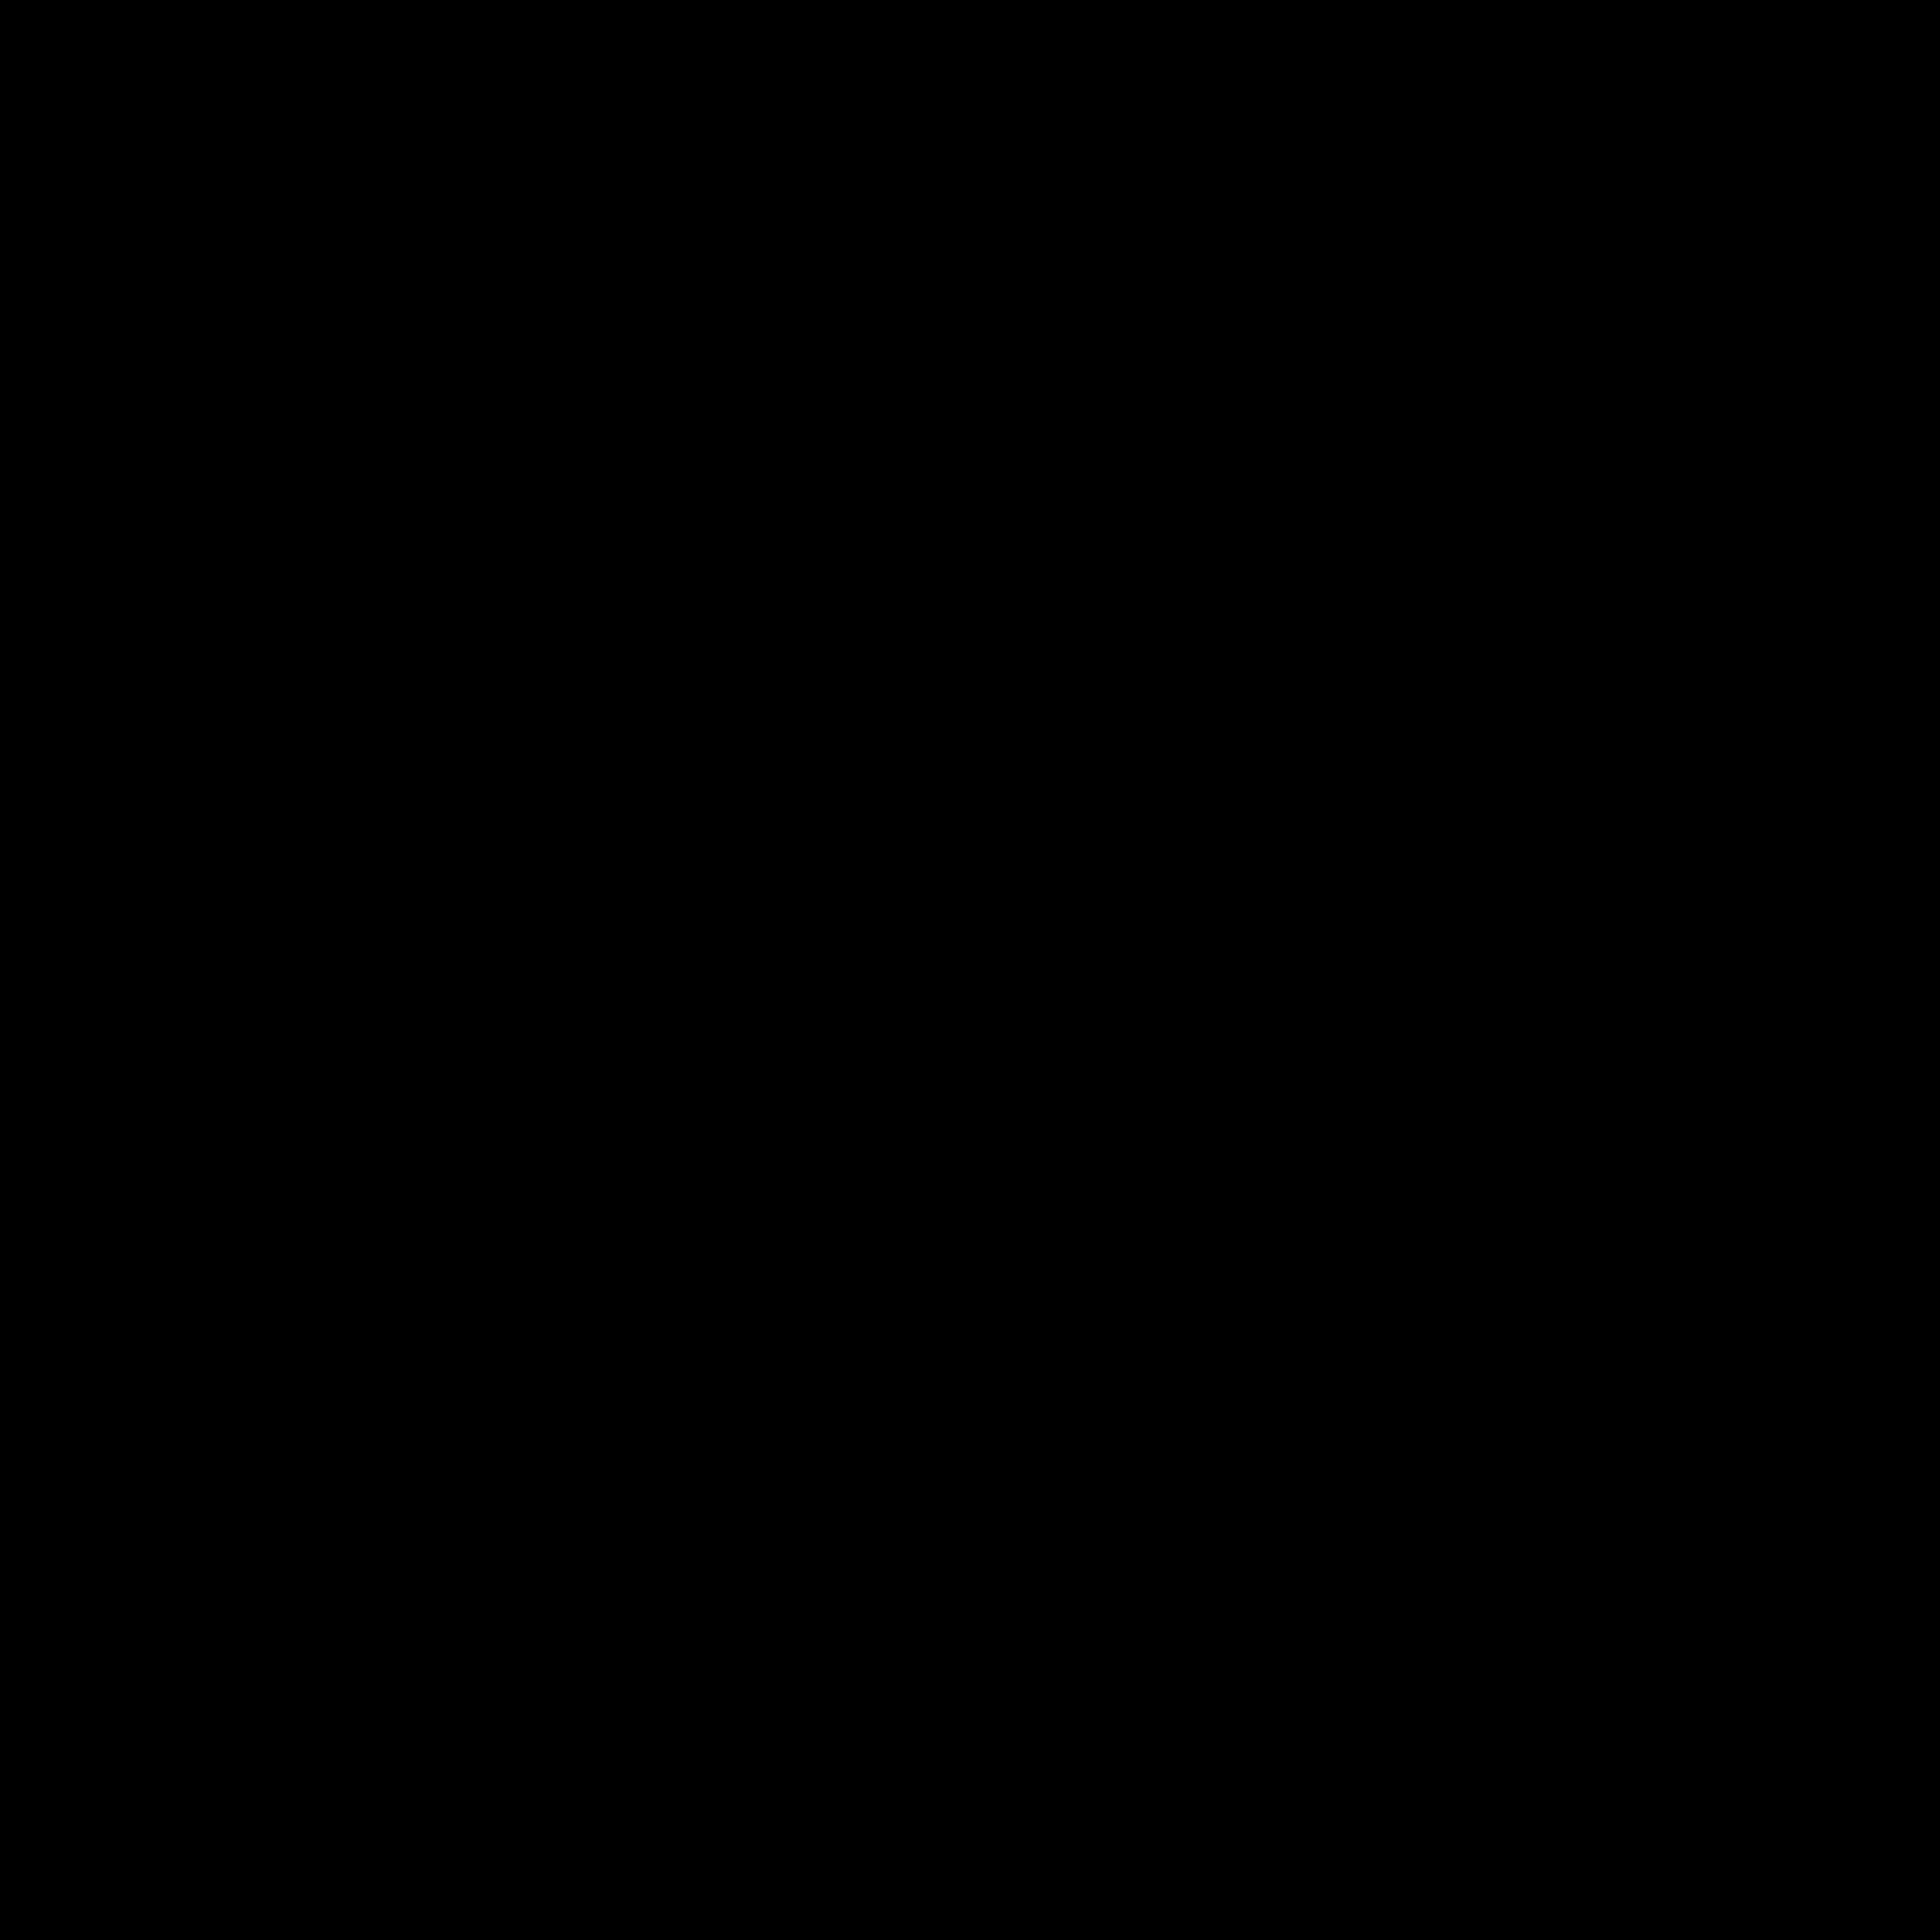 افون - AVON